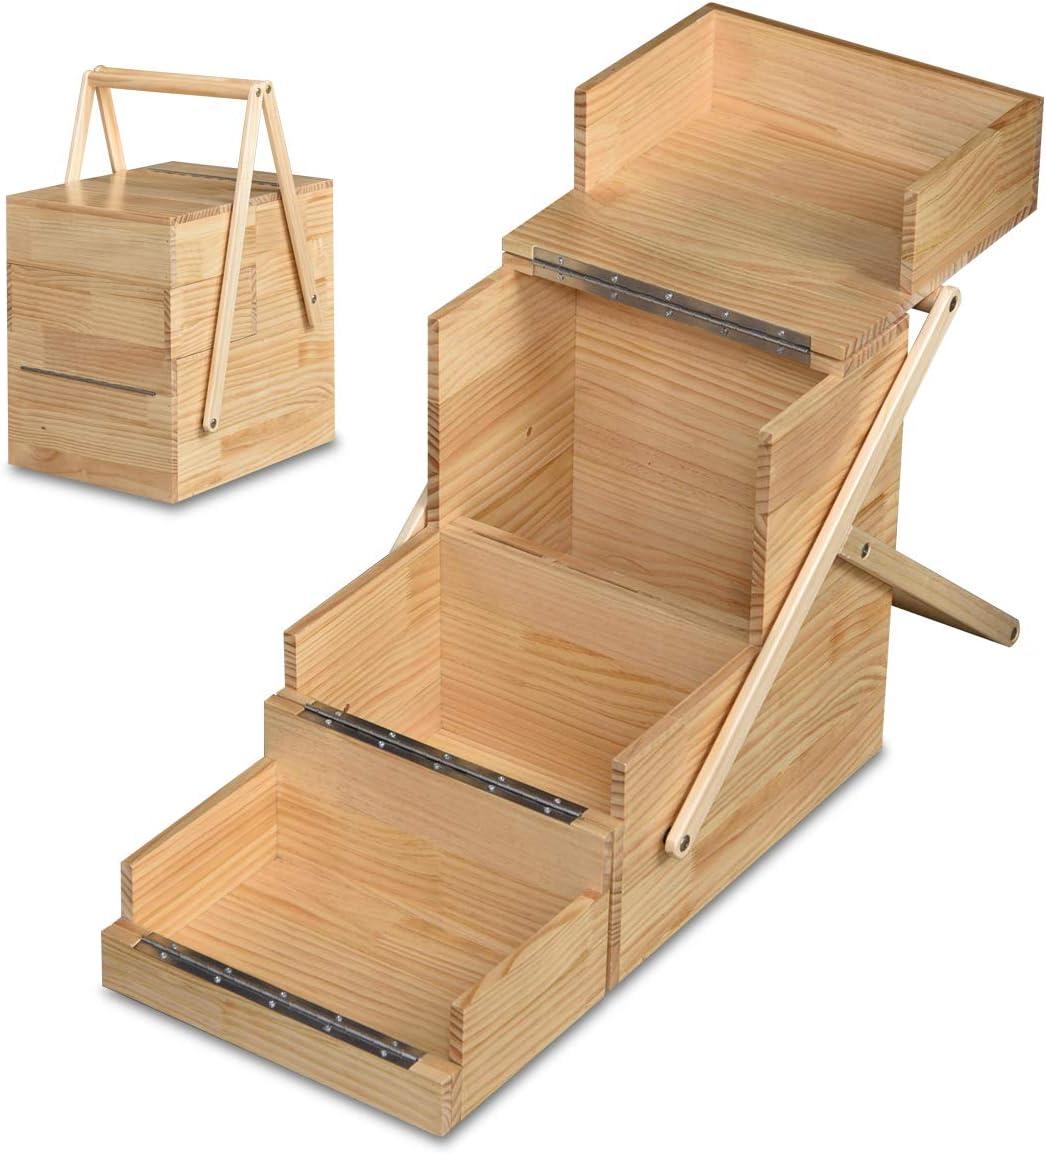 木製キッチンツールボックス Lサイズ/FIELDOOR(フィールドア)